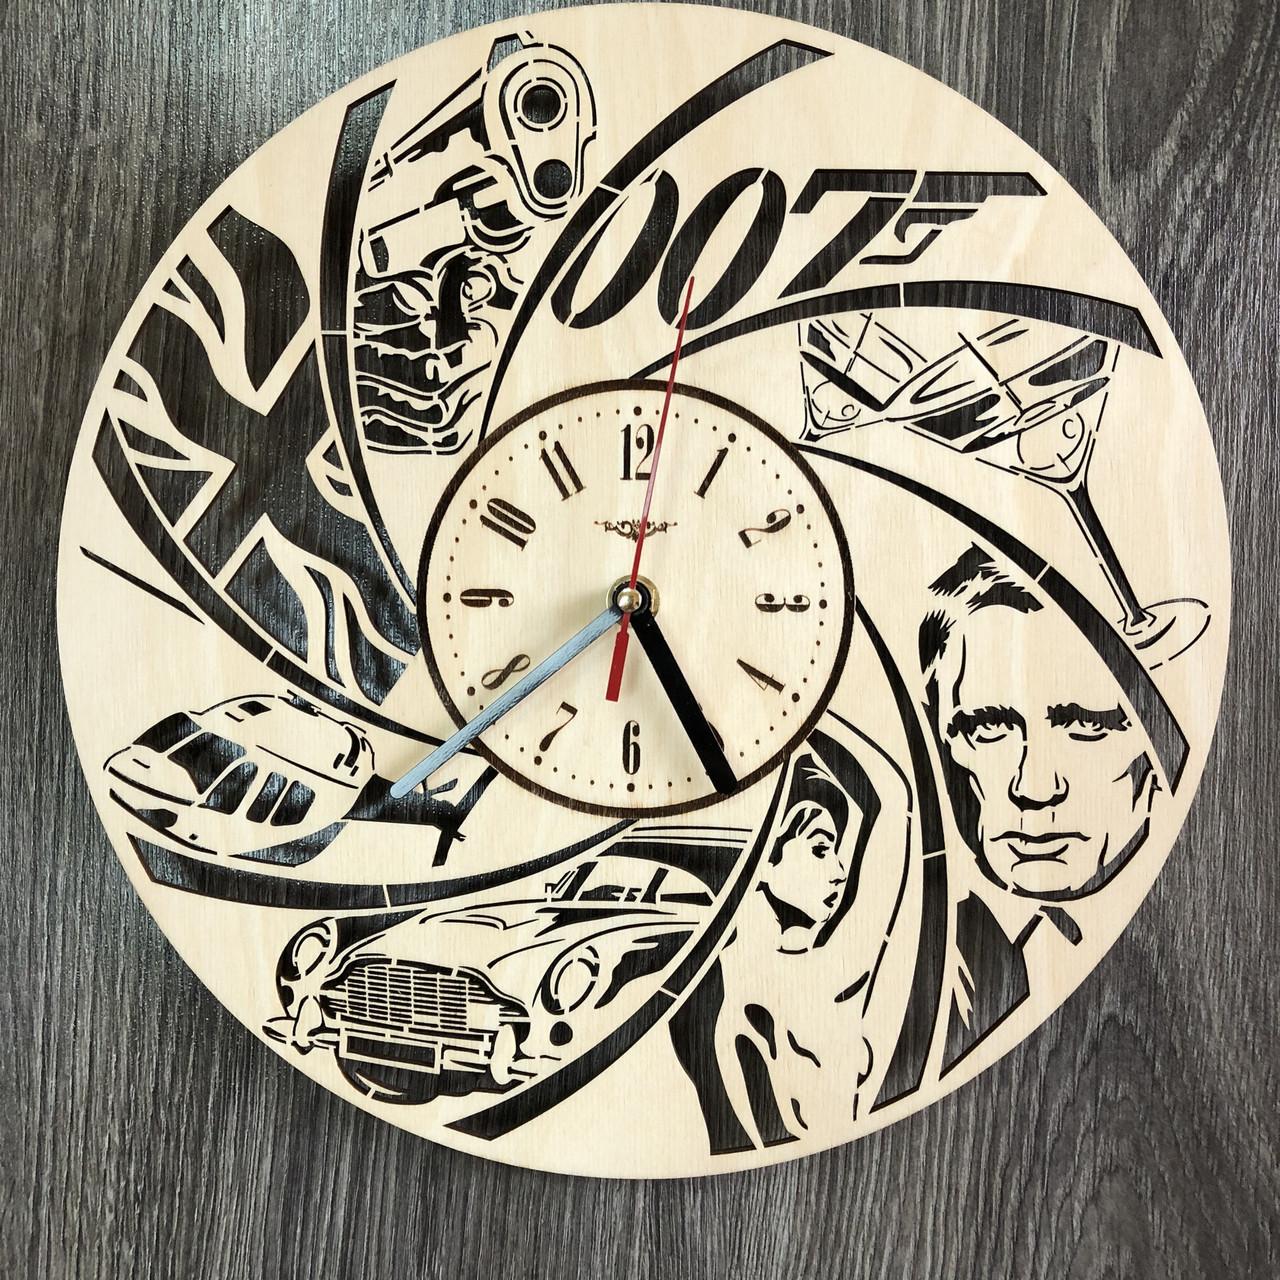 Тематические настенные часы в интерьер «Джеймс Бонд»